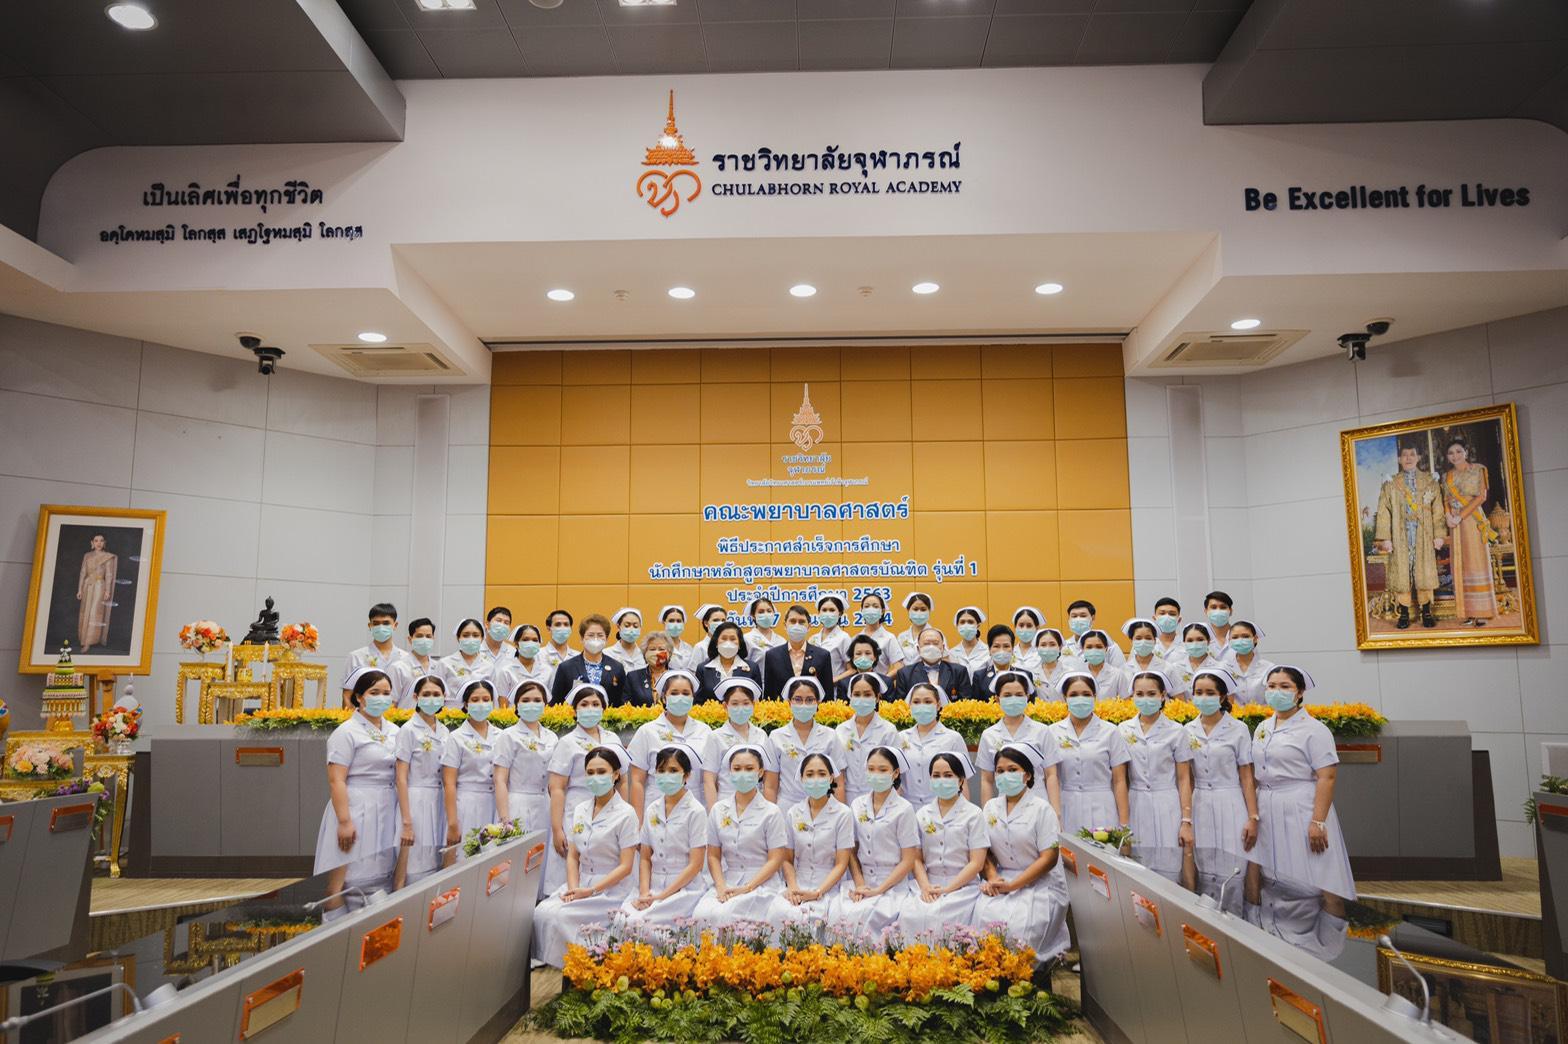 นักศึกษาพยาบาลทุนพระราชทาน รุ่นที่ 1  คณะพยาบาลศาสตร์ ราชวิทยาลัยจุฬาภรณ์ พร้อมปฏิบัติงานสนองพระปณิธาน  สมเด็จเจ้าฟ้าฯ กรมพระศรีสวางควัฒน วรขัตติยราชนารี องค์ประธานราชวิทยาลัยจุฬาภรณ์